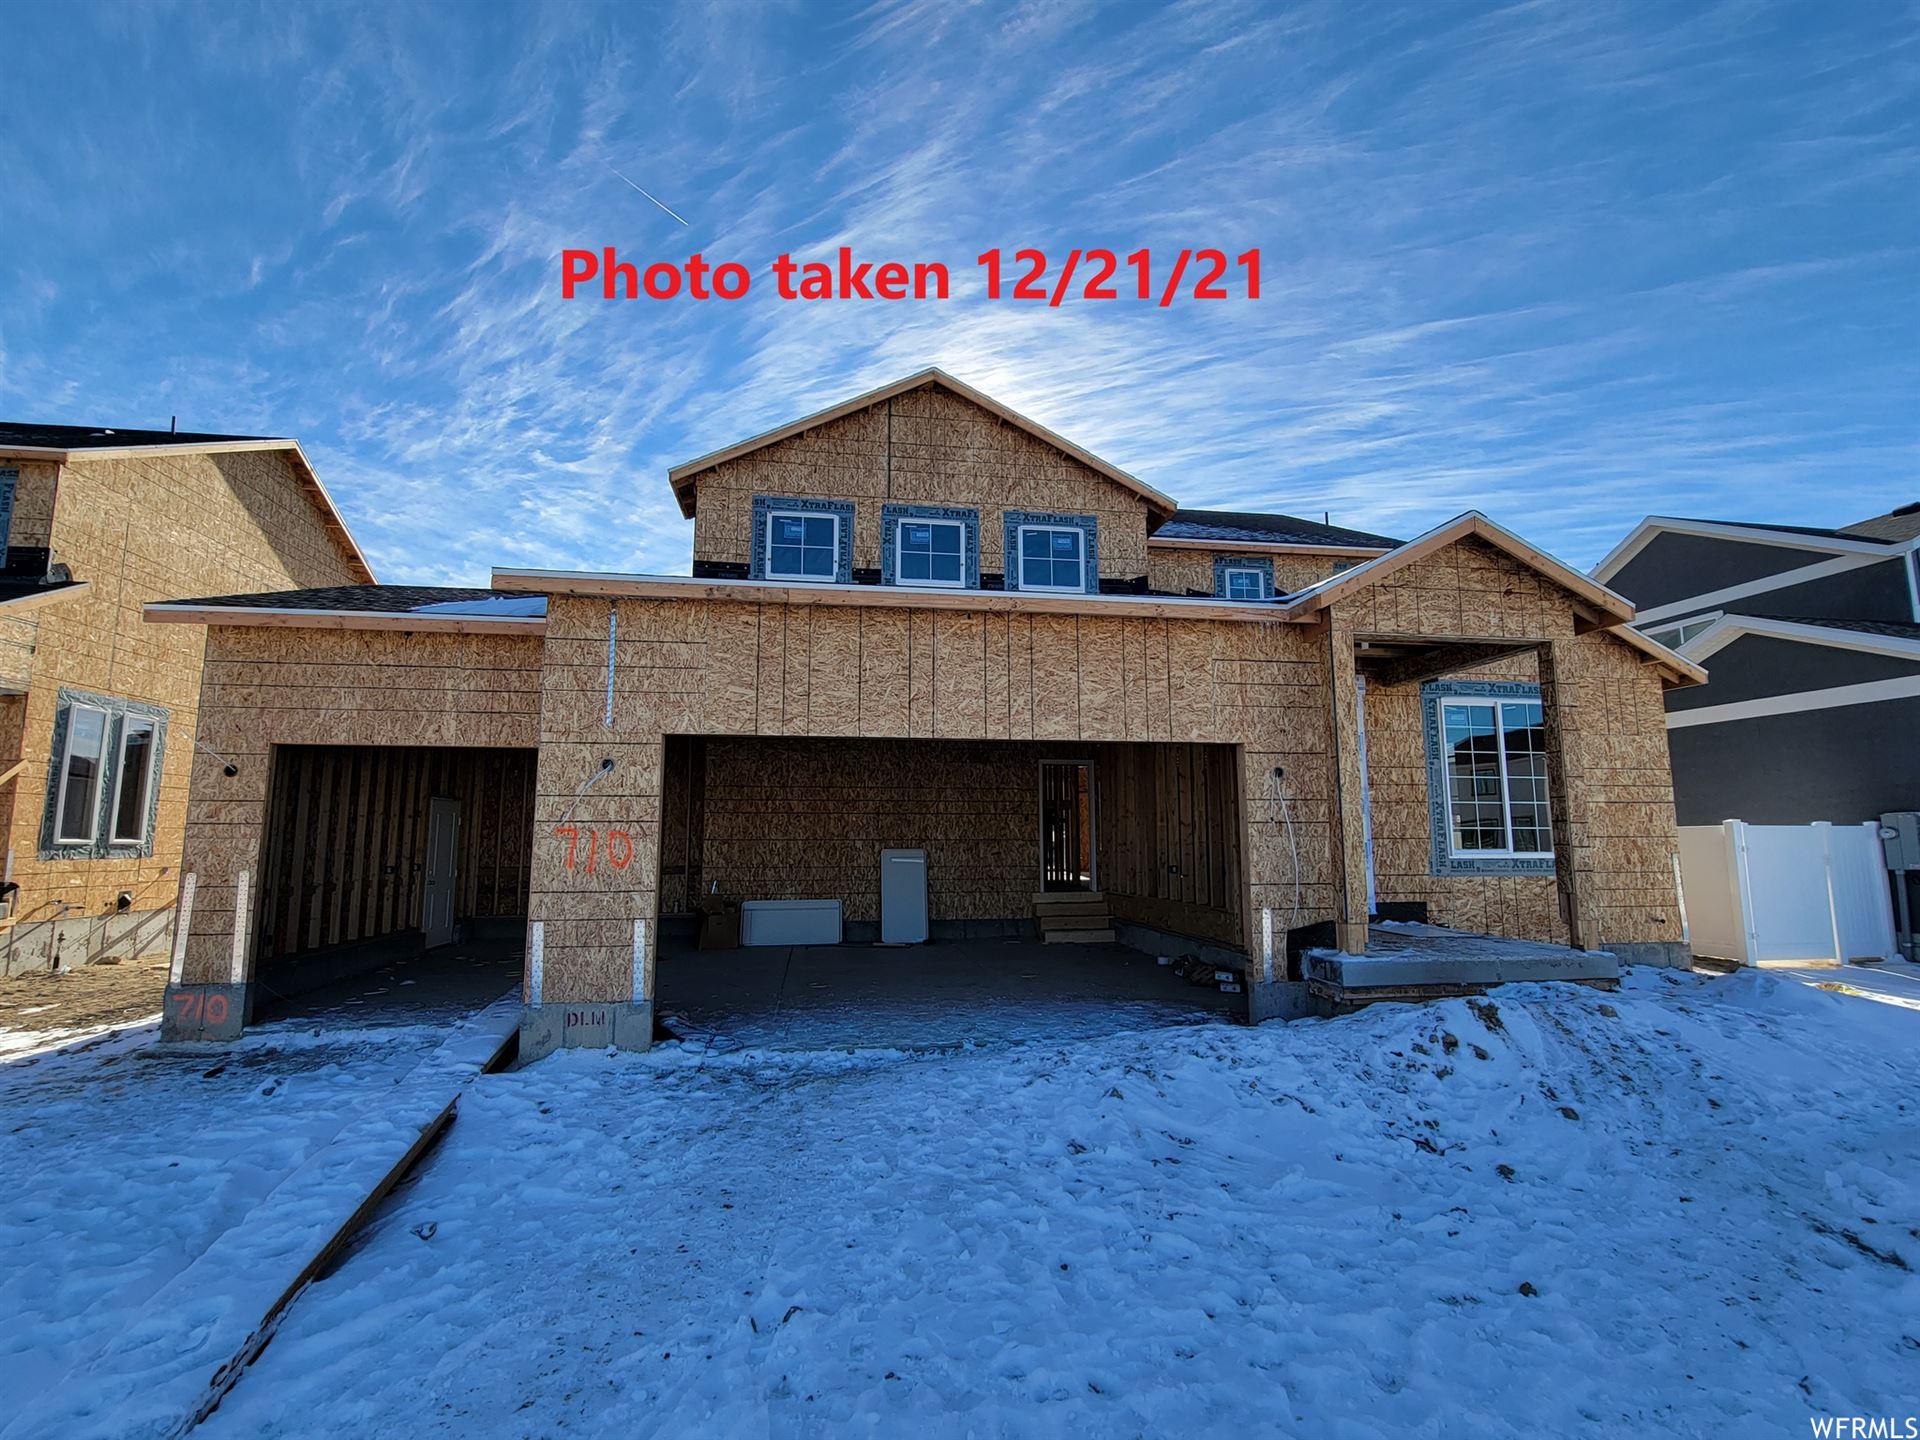 Photo of 1766 E JOHNSTOWN N RD #710, Eagle Mountain, UT 84005 (MLS # 1770505)